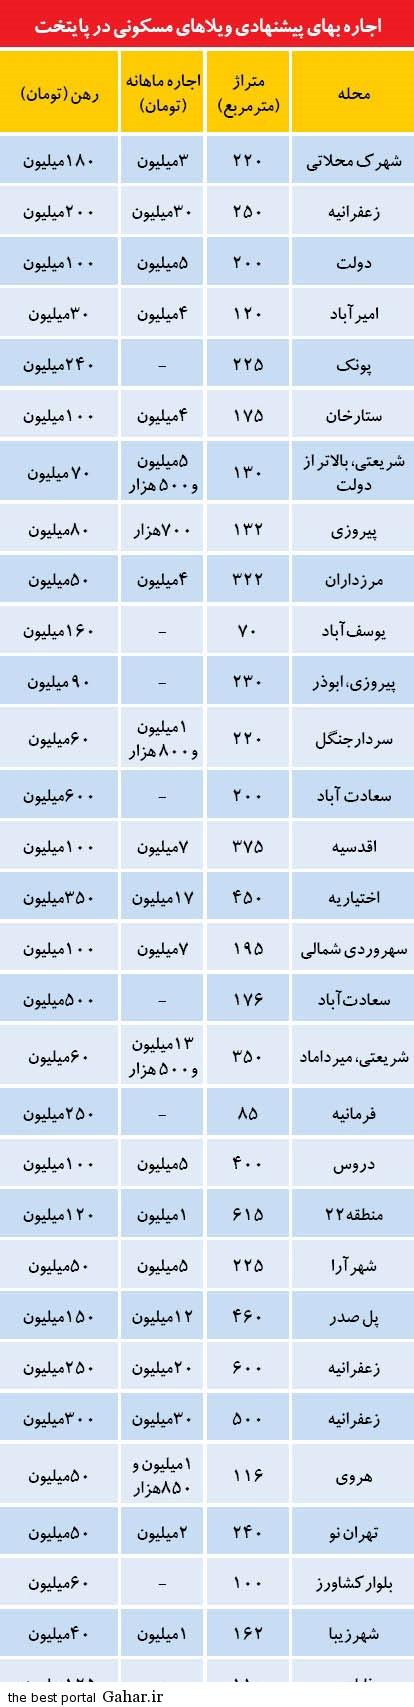 قیمت اجاره خانه های ویلایی در بالاشهر و پایین شهر تهران, جدید 1400 -گهر